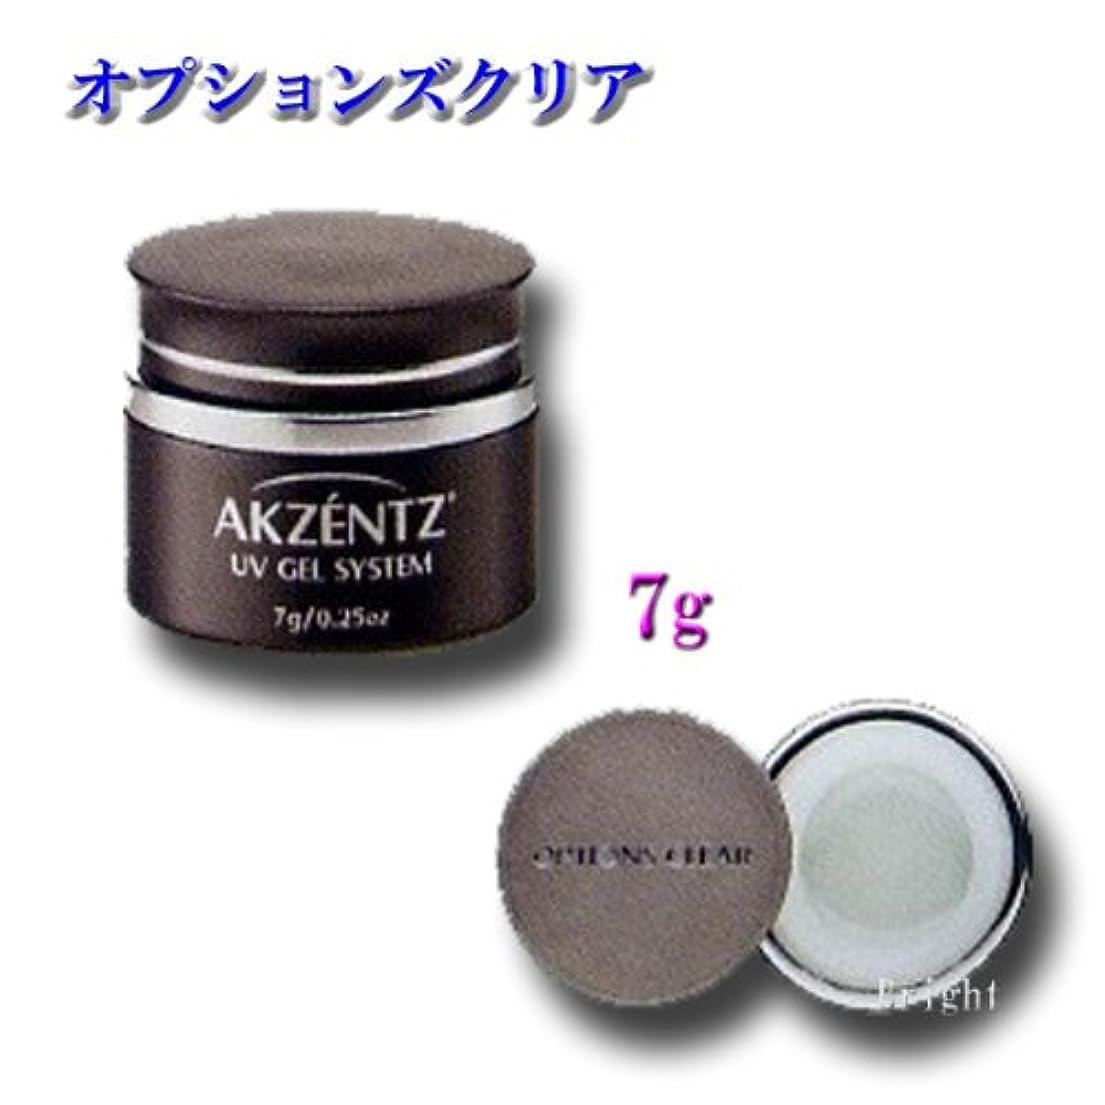 スリットはっきりしない繊維アクセンツ(AKZENTZ) オプションズ クリア 7g